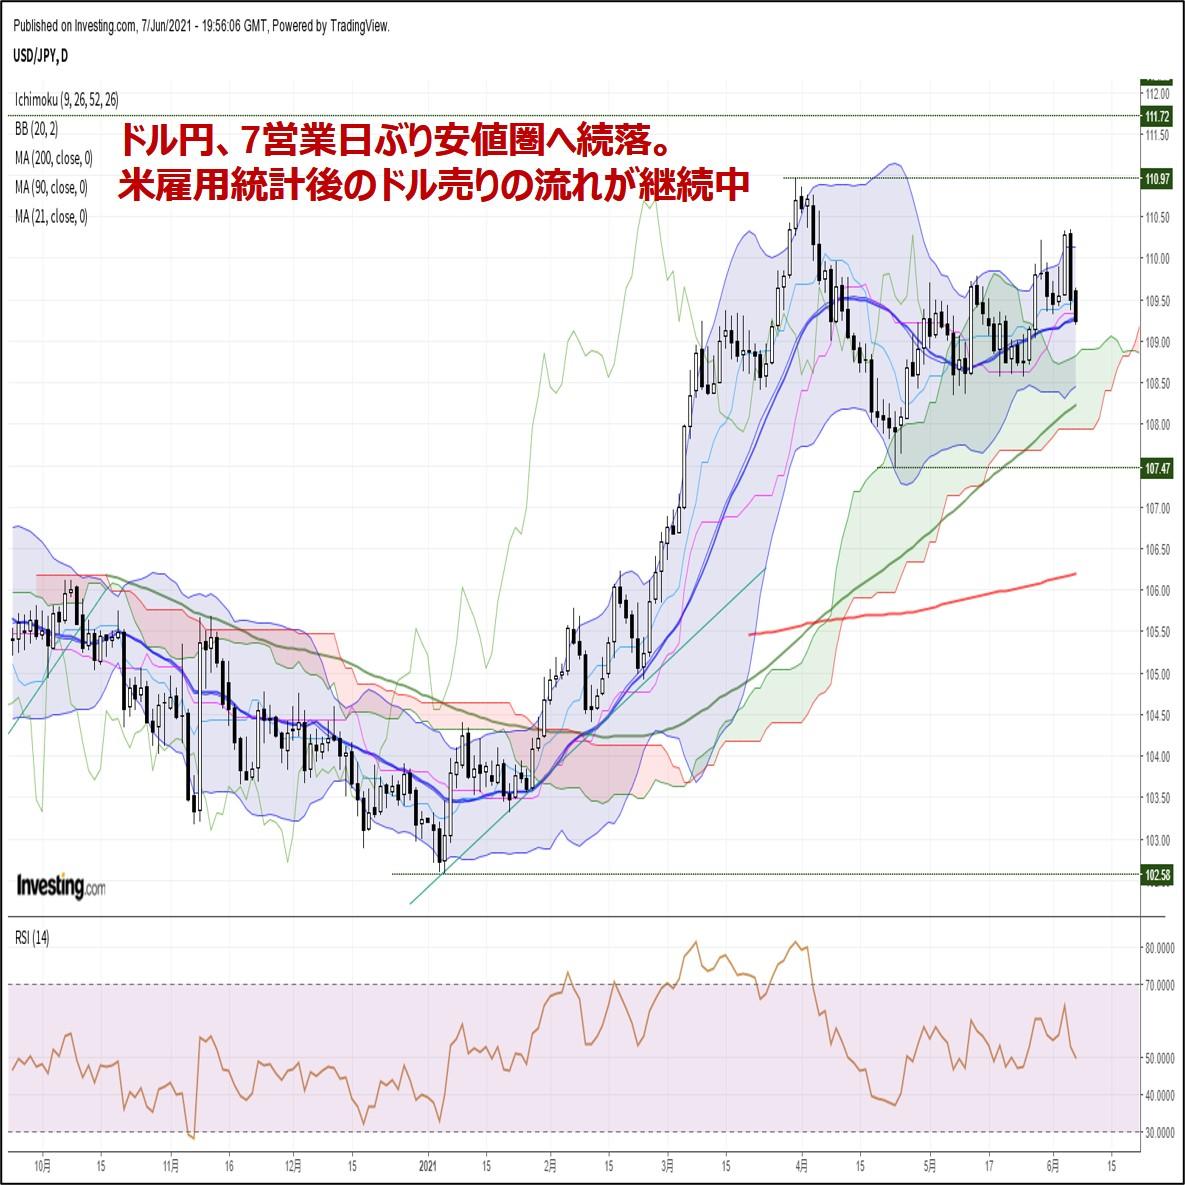 ドル円、7営業日ぶり安値圏へ続落。米雇用統計後のドル売りの流れが継続中(6/8朝)